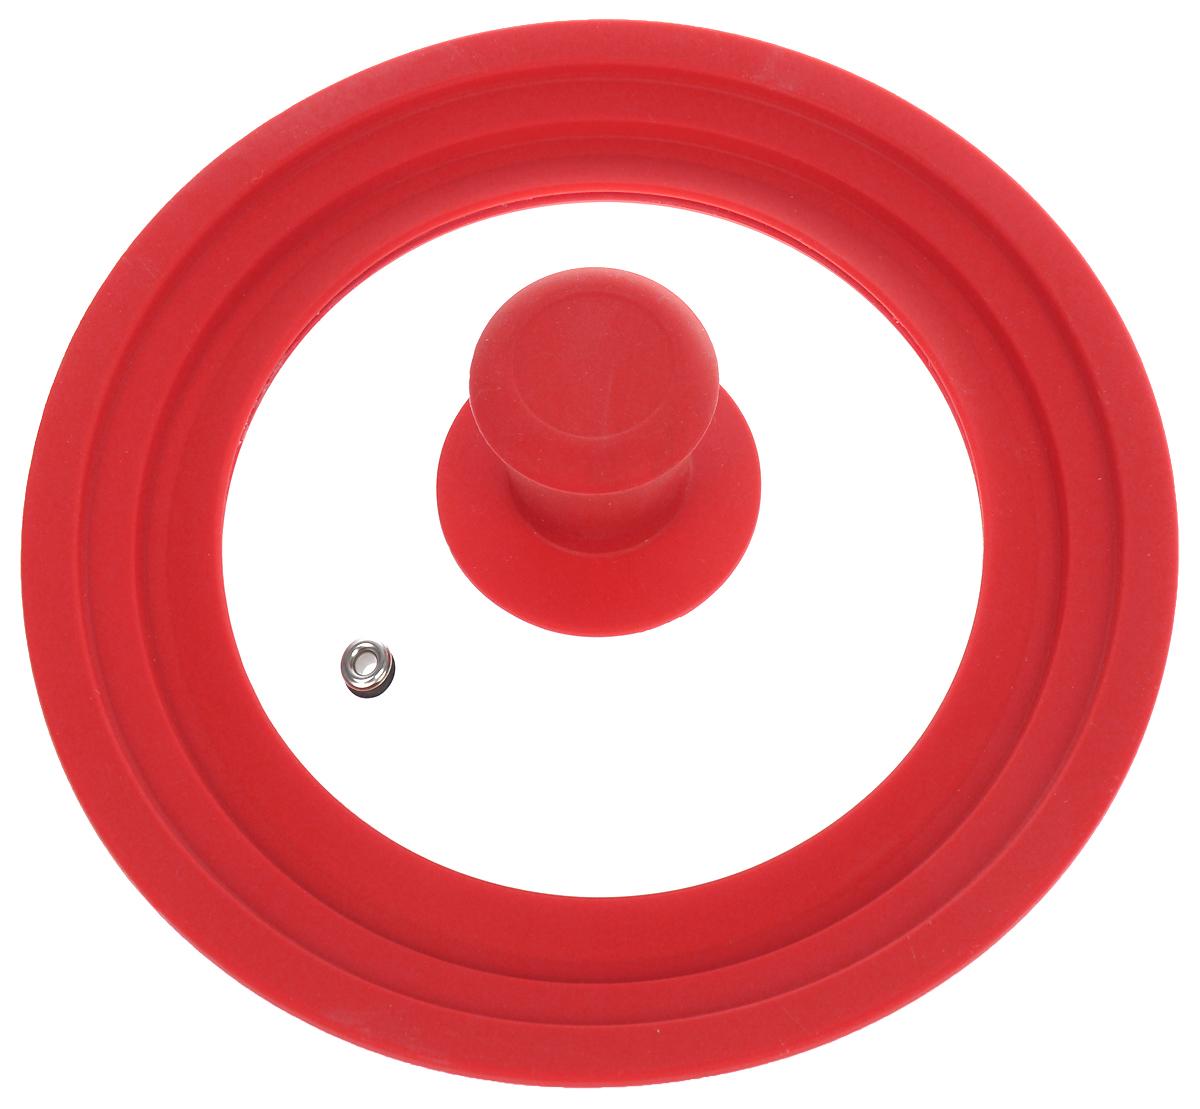 Крышка универсальная Miolla, цвет: красный, для сковород и кастрюль диаметром 16, 18, 20 см1015018UУниверсальная крышка Miolla подходит для сковород и кастрюль диаметром 16 см, 18 см и 20 см. Она изготовлена из огнеупорного стекла с высококачественным силиконовым ободом. Изделие оснащено отверстием для вывода пара и ненагревающейся ручкой. Можно мыть в посудомоечной машине. Подходит для использования в духовке до 180°С.